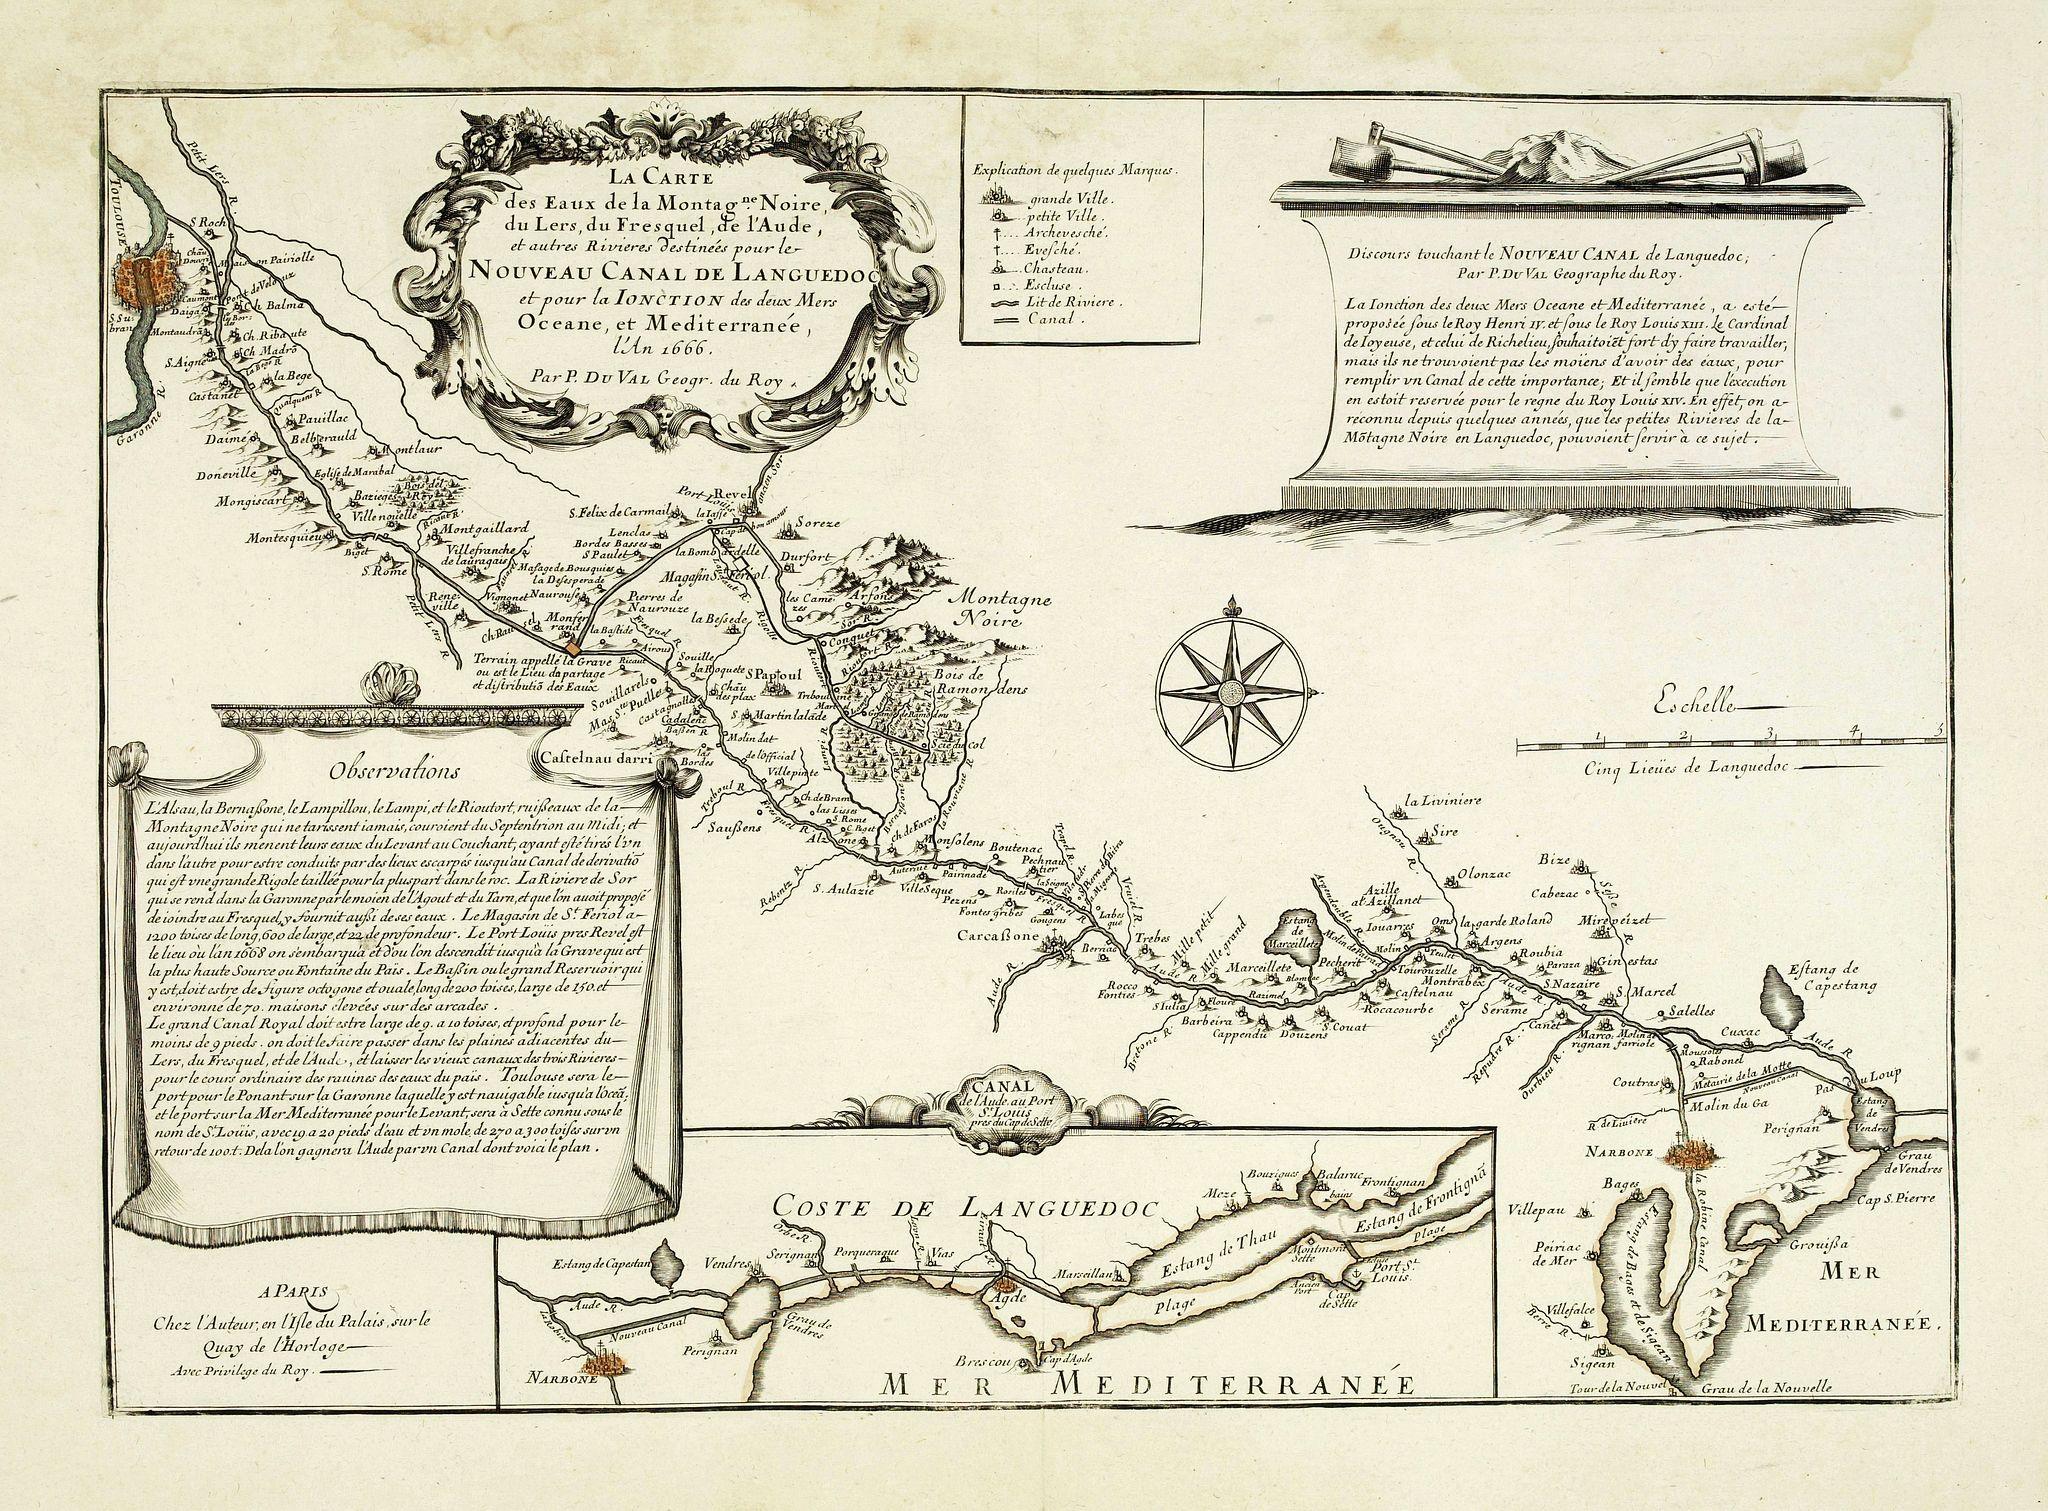 DU VAL, P. -  La carte des Eaux de la Montagne Noire di Mers, du Fresquel de l'Aube et autres rivières destinées pour le Nouveau canal de Languedoc . . .